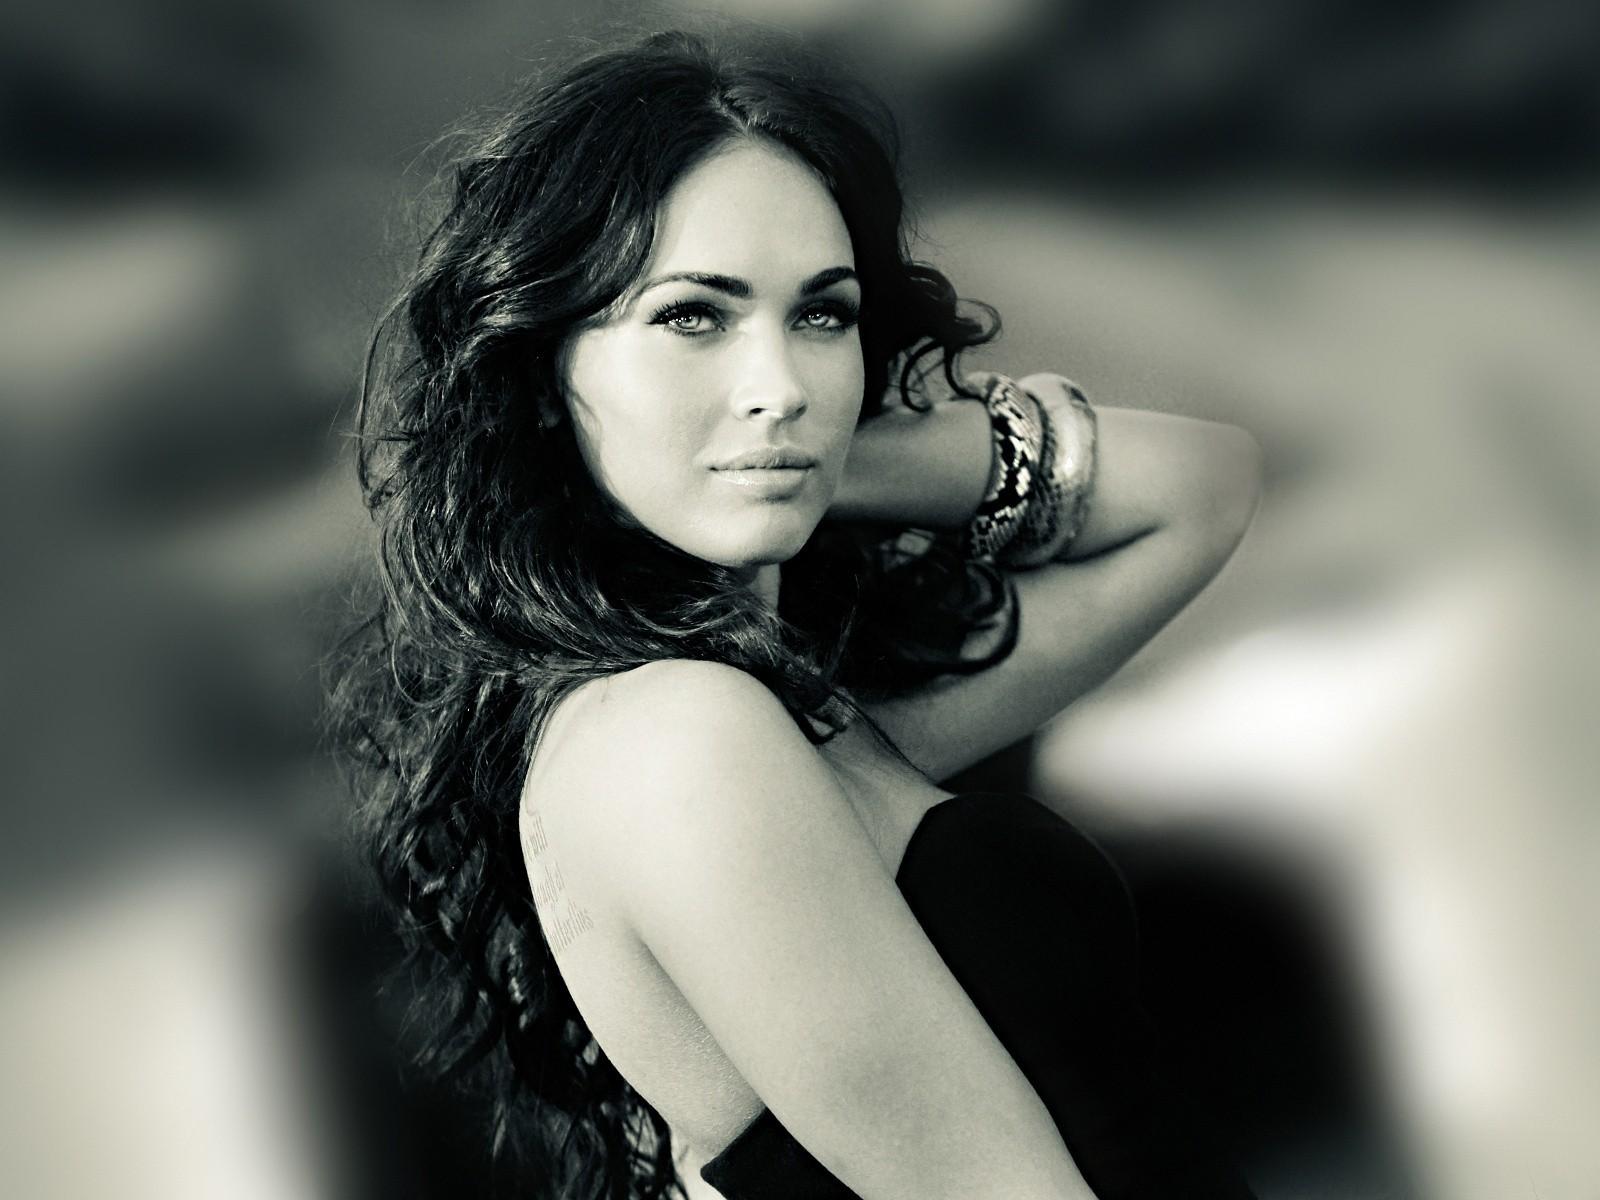 Красивое черно-белое фото топ-модели и голливудской актрисы Меган Фокс